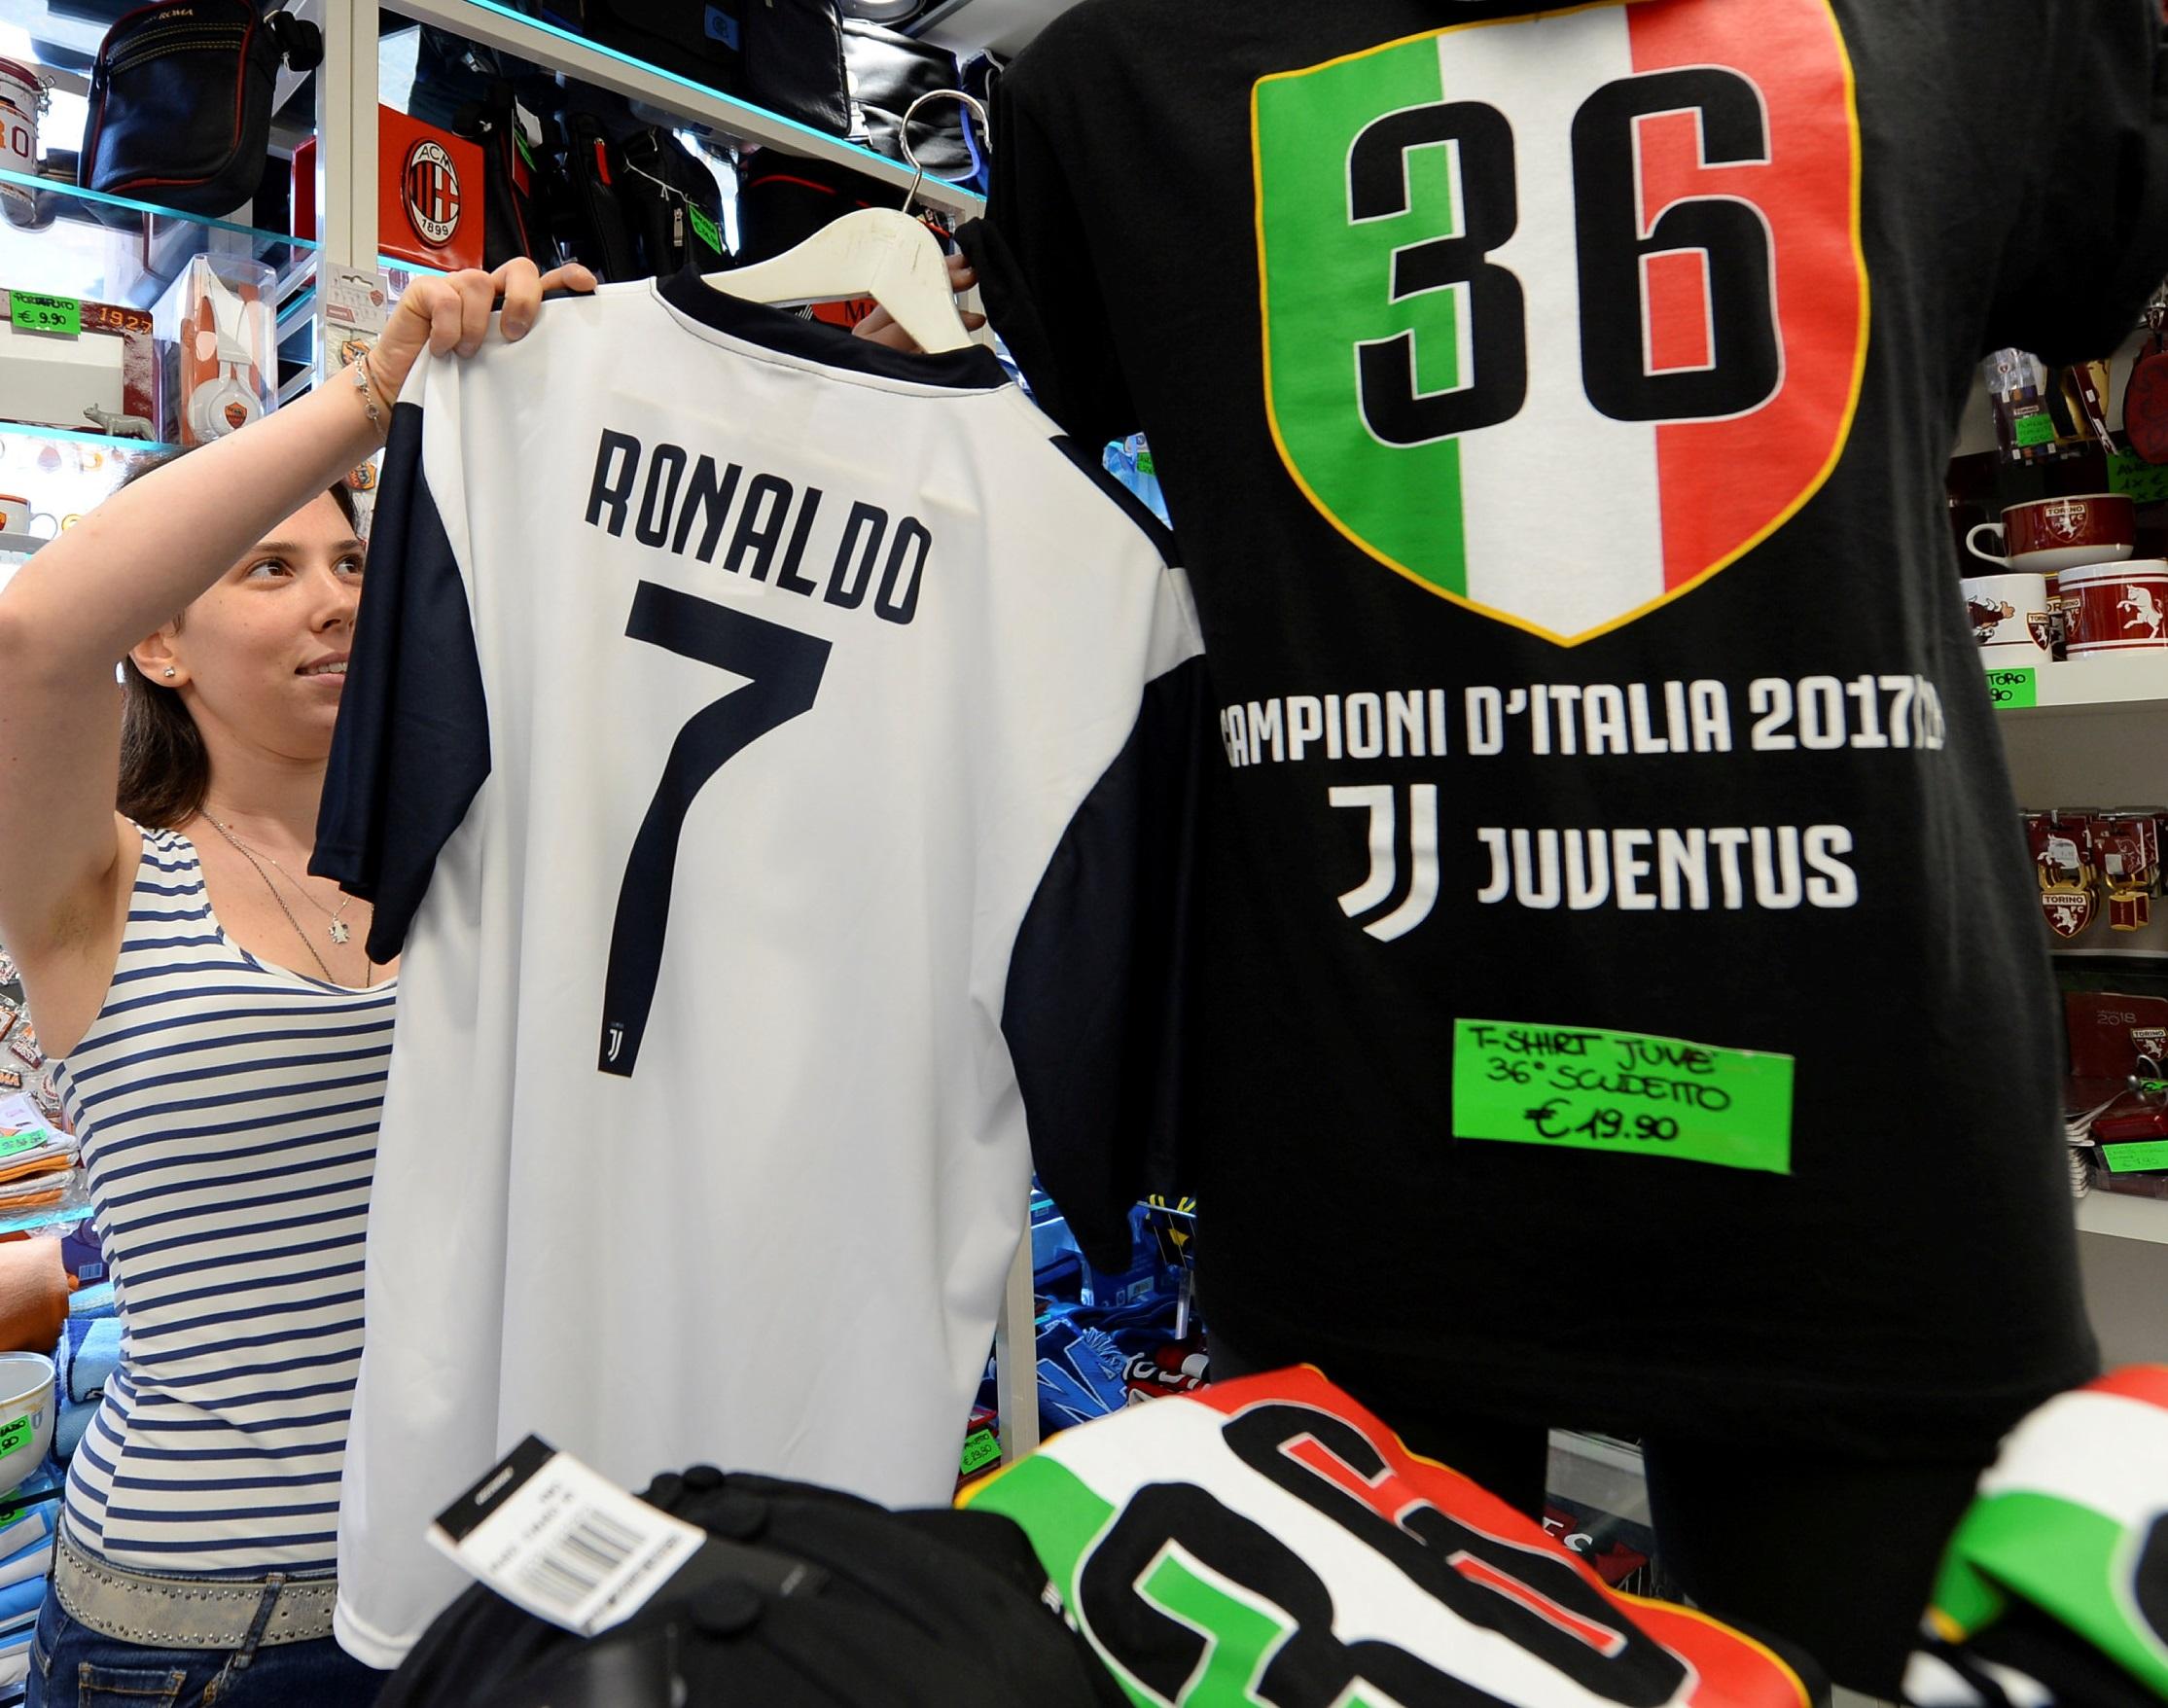 c0482a0b38 Camiseta de Cristiano Ronaldo é vendida em Turim